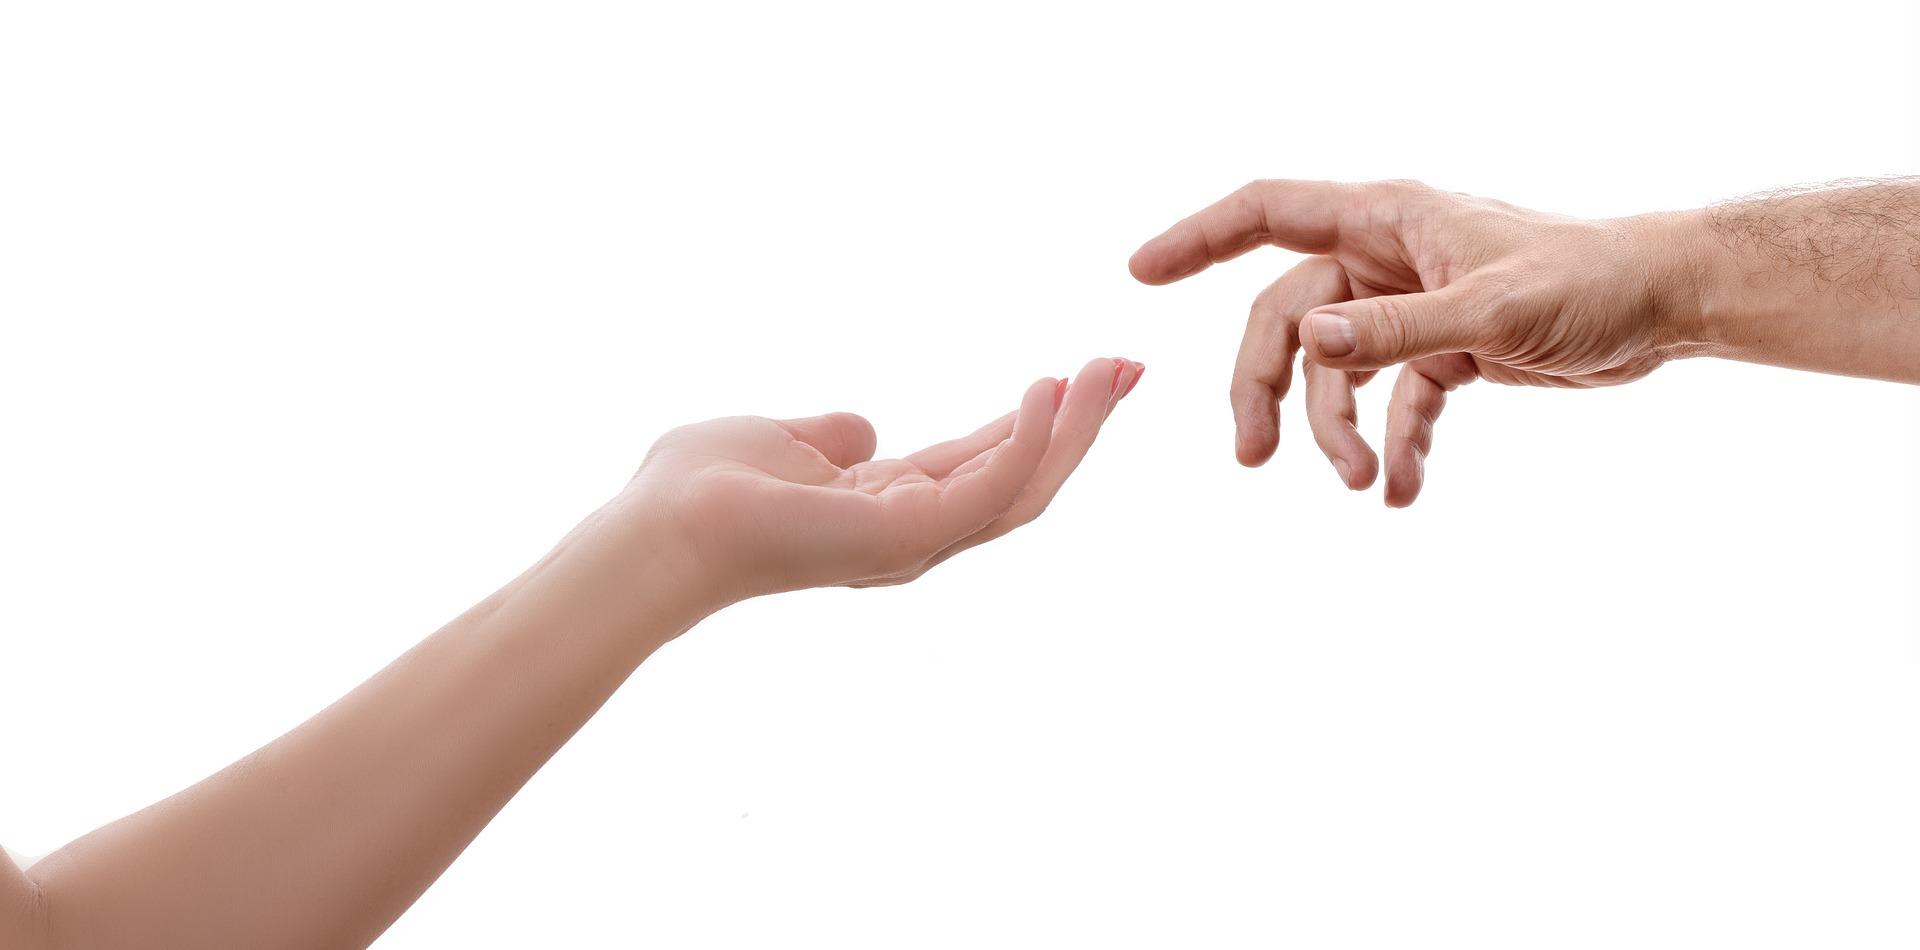 to hender strekker seg mot hverandre